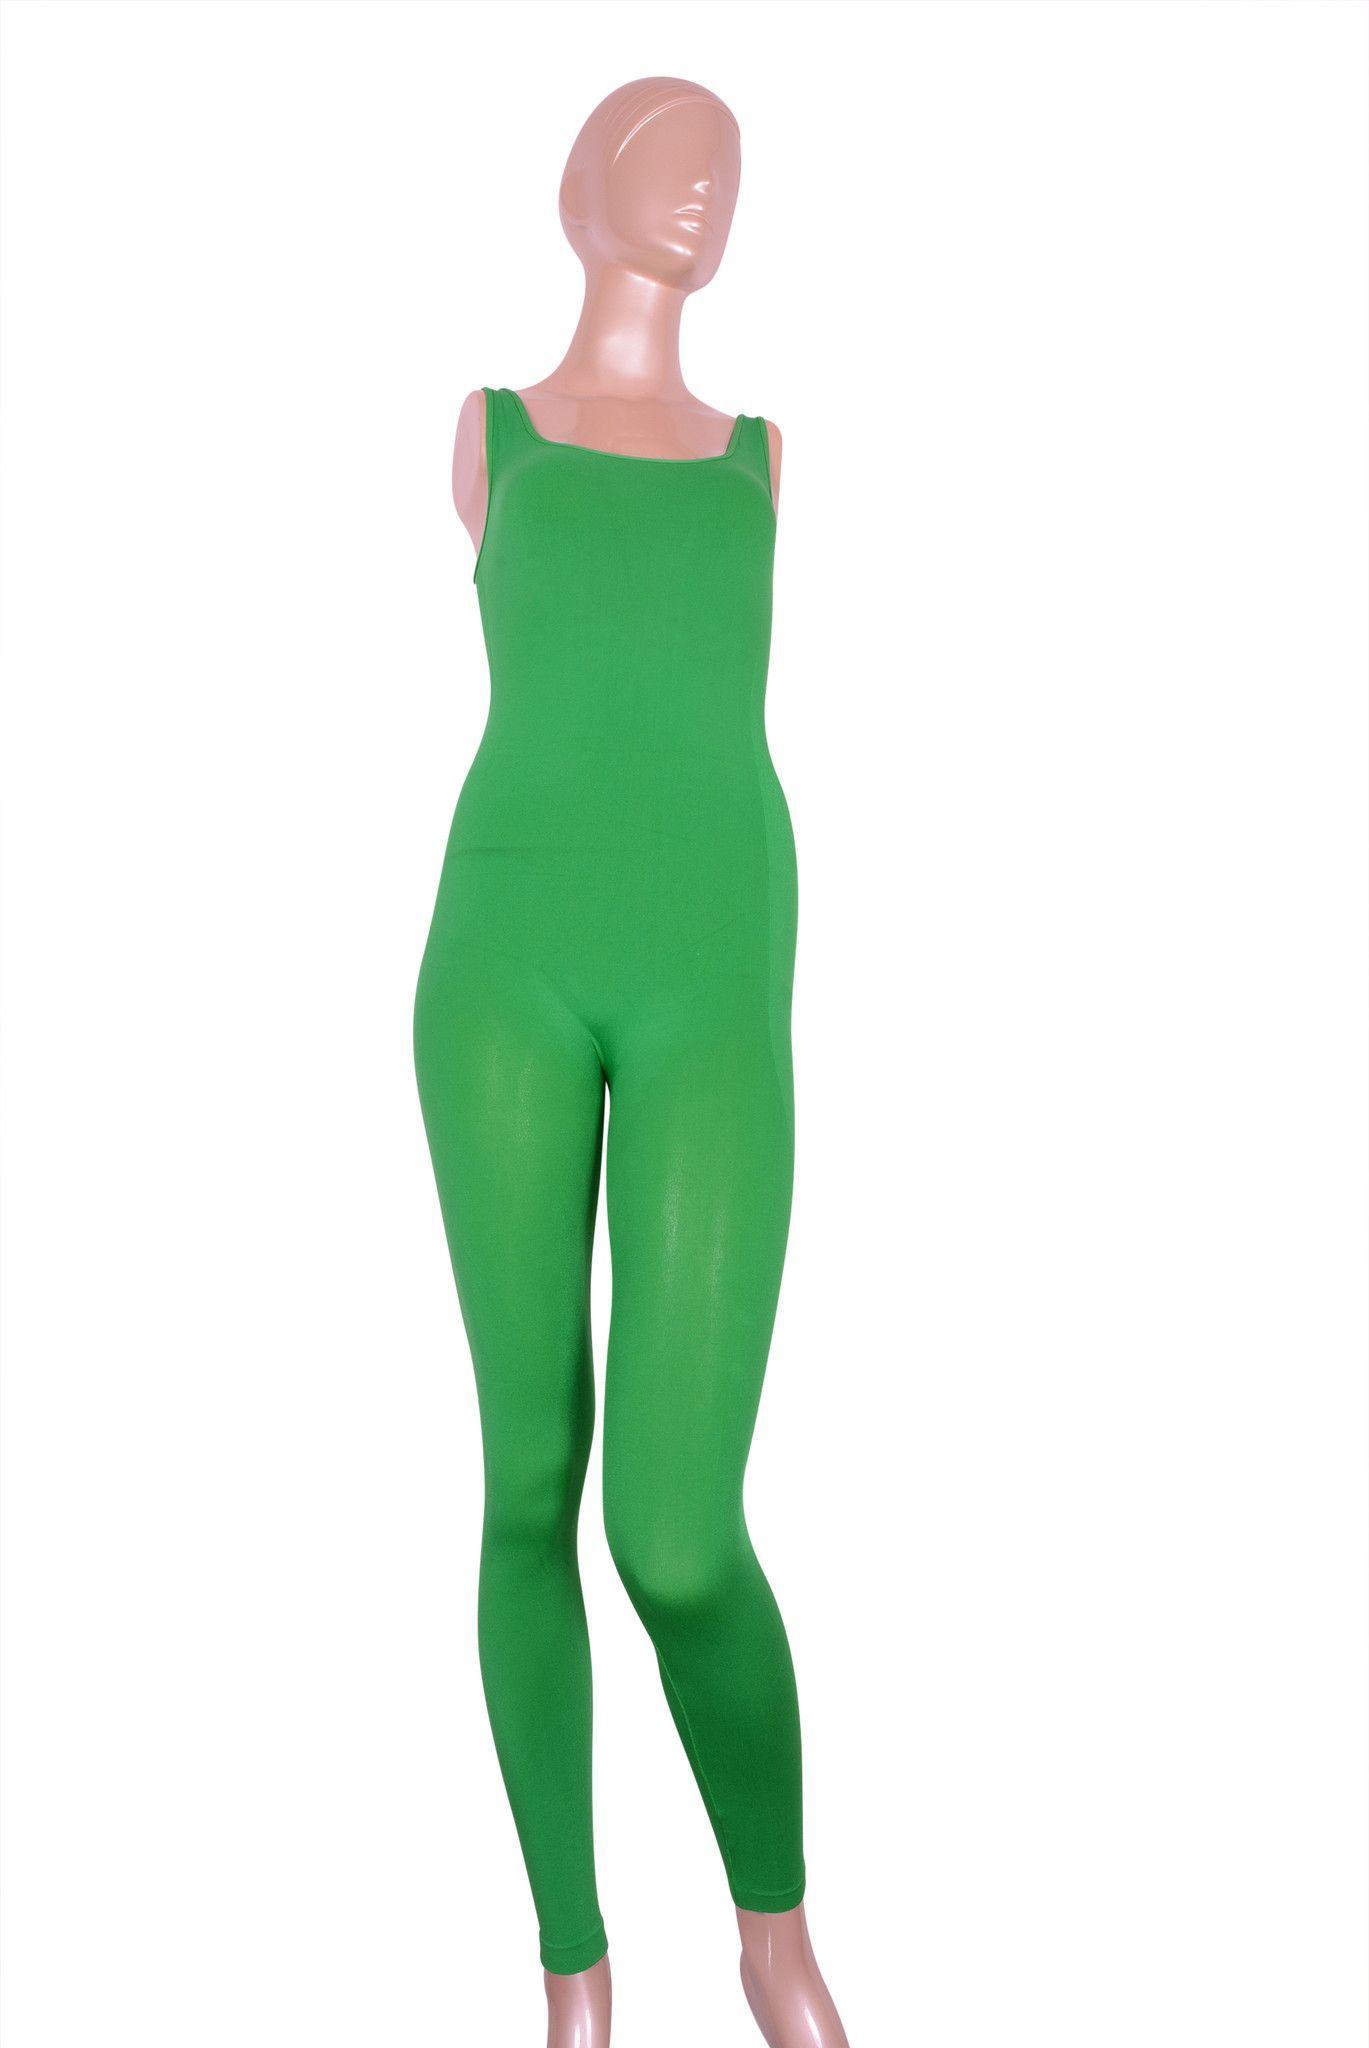 5a0ff49c5336 80 s 90 s Vintage Spandex Onepiece Leggings Yoga Catsuit jumpsuit Unitards  One Size